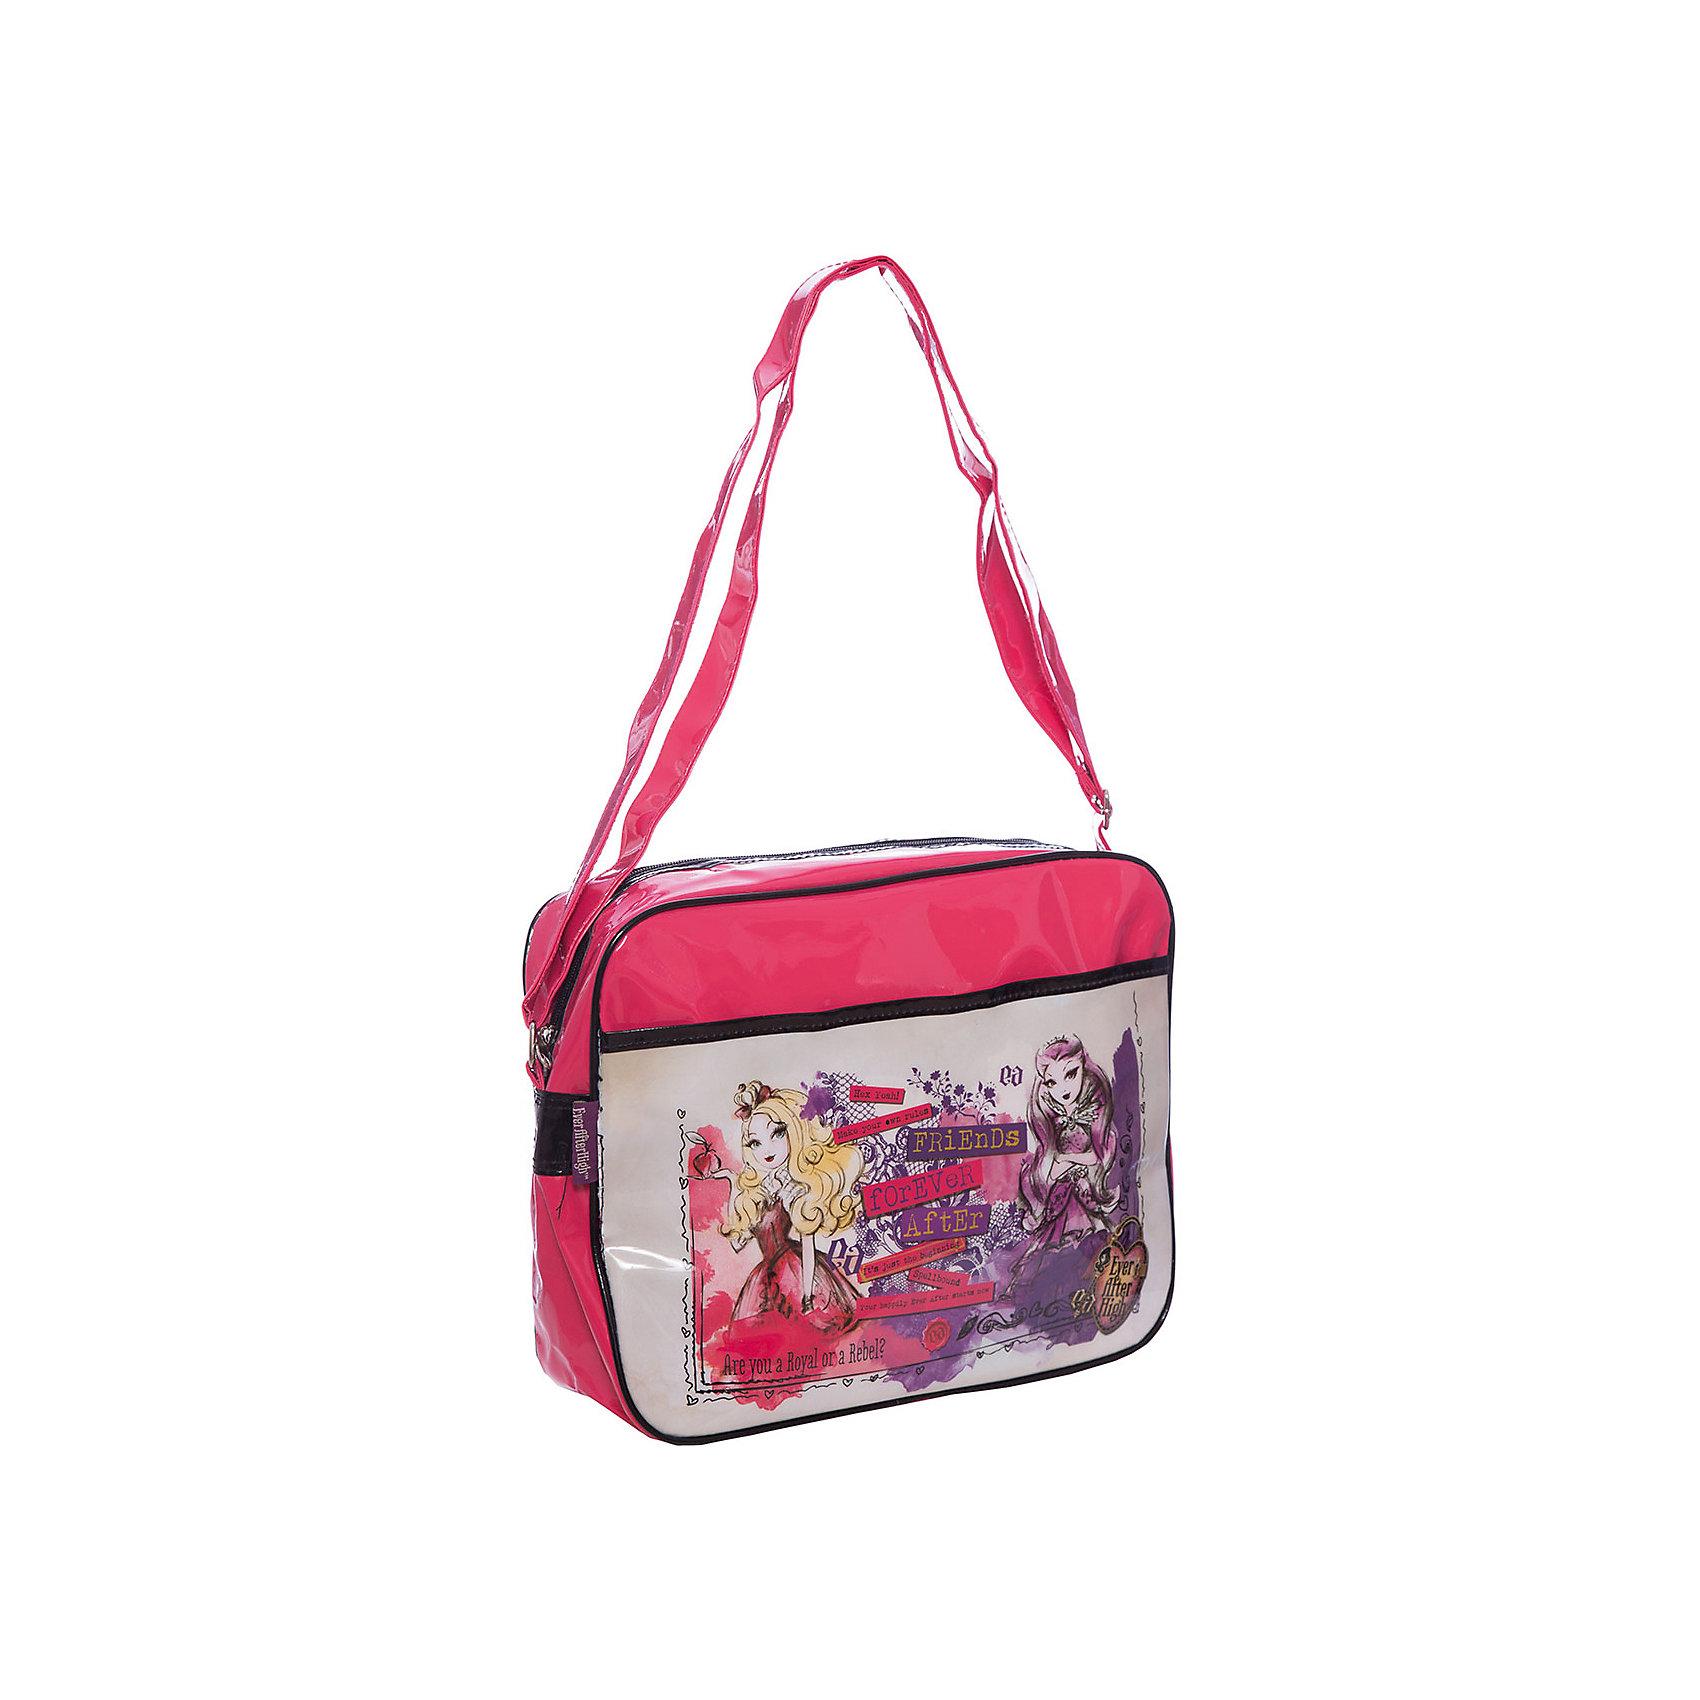 Сумка Lucky bag, Ever After High, Mattel,Школьные сумки<br>4994987 Сумка Lucky bag Mattel Ever After High отд.на молнии, передн.карман, регулируемый плечевой ремень  лаковая красная серия 26*32*8,5 см<br><br>Ширина мм: 380<br>Глубина мм: 400<br>Высота мм: 280<br>Вес г: 320<br>Возраст от месяцев: 48<br>Возраст до месяцев: 96<br>Пол: Женский<br>Возраст: Детский<br>SKU: 5475519